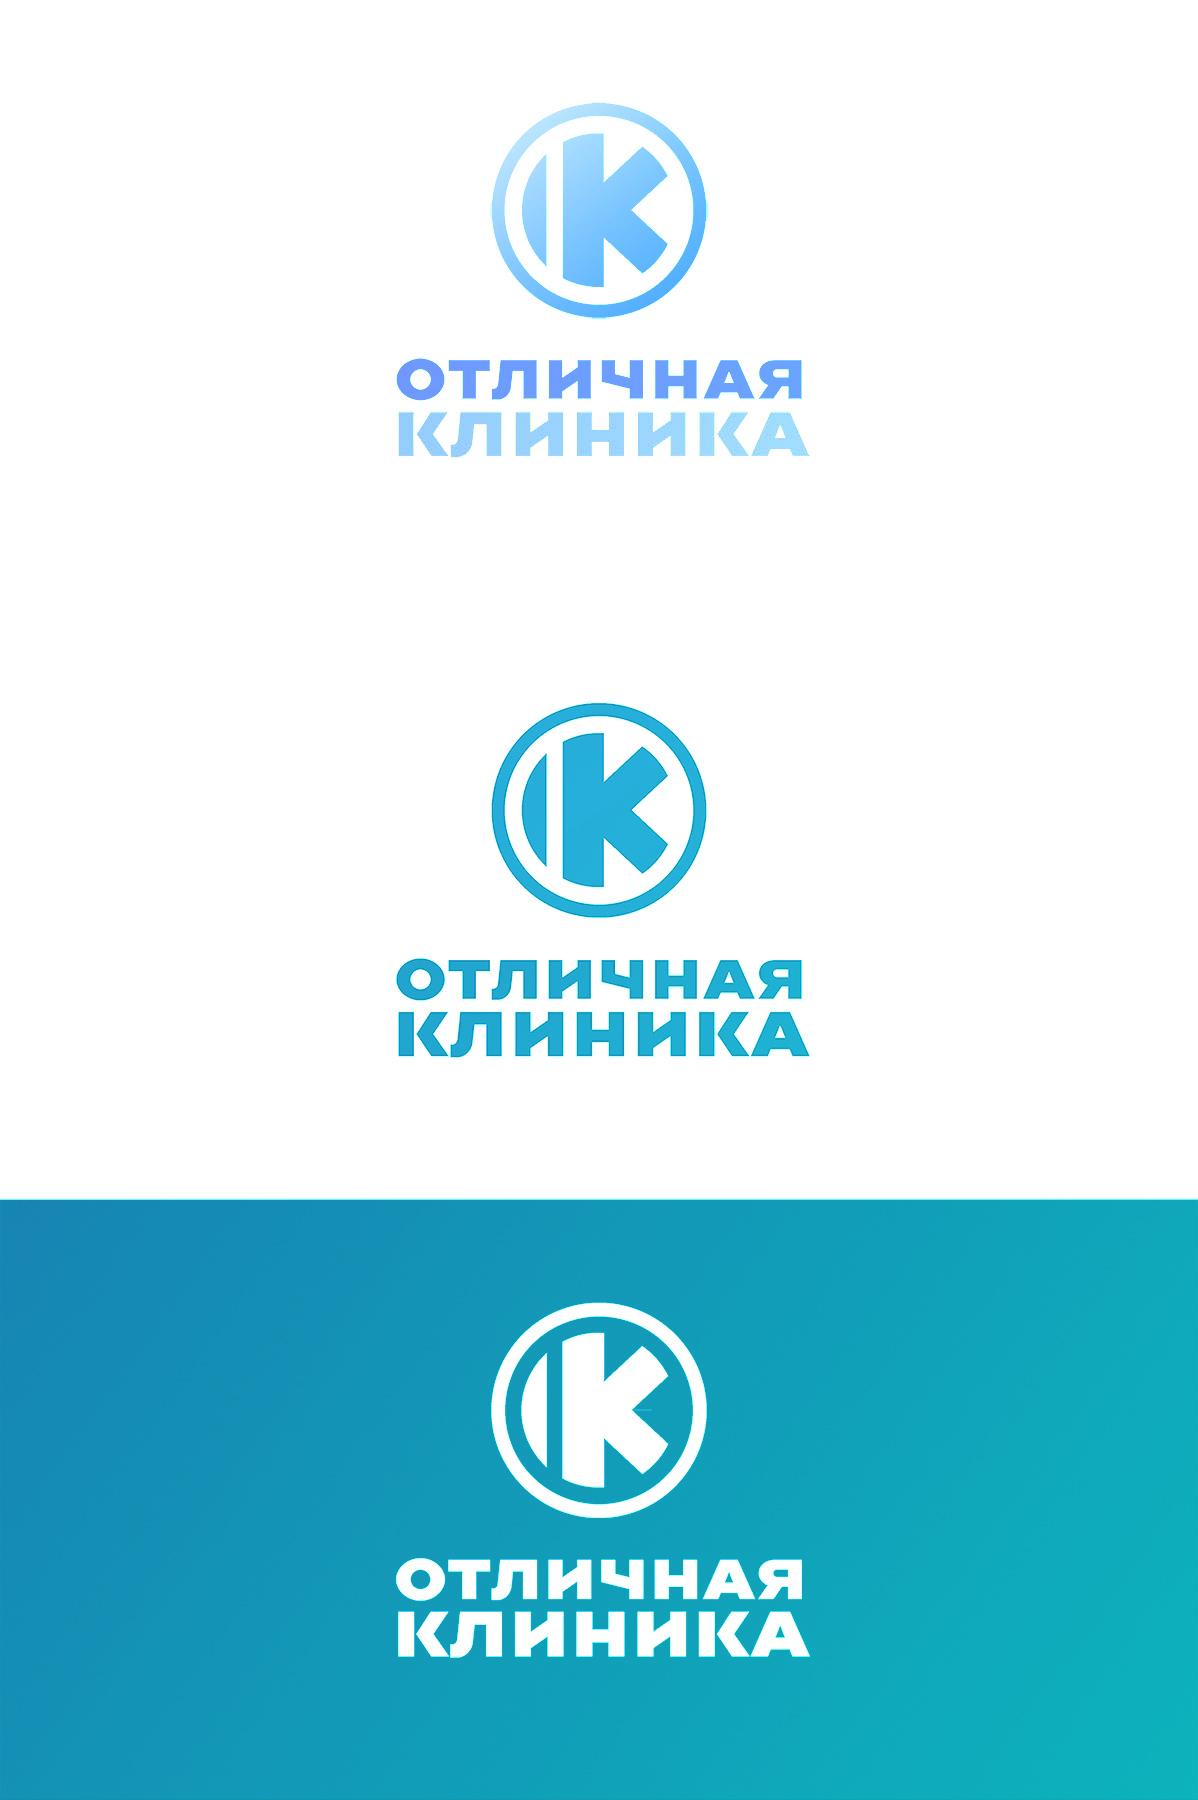 Логотип и фирменный стиль частной клиники фото f_3795c93c11d6803f.jpg